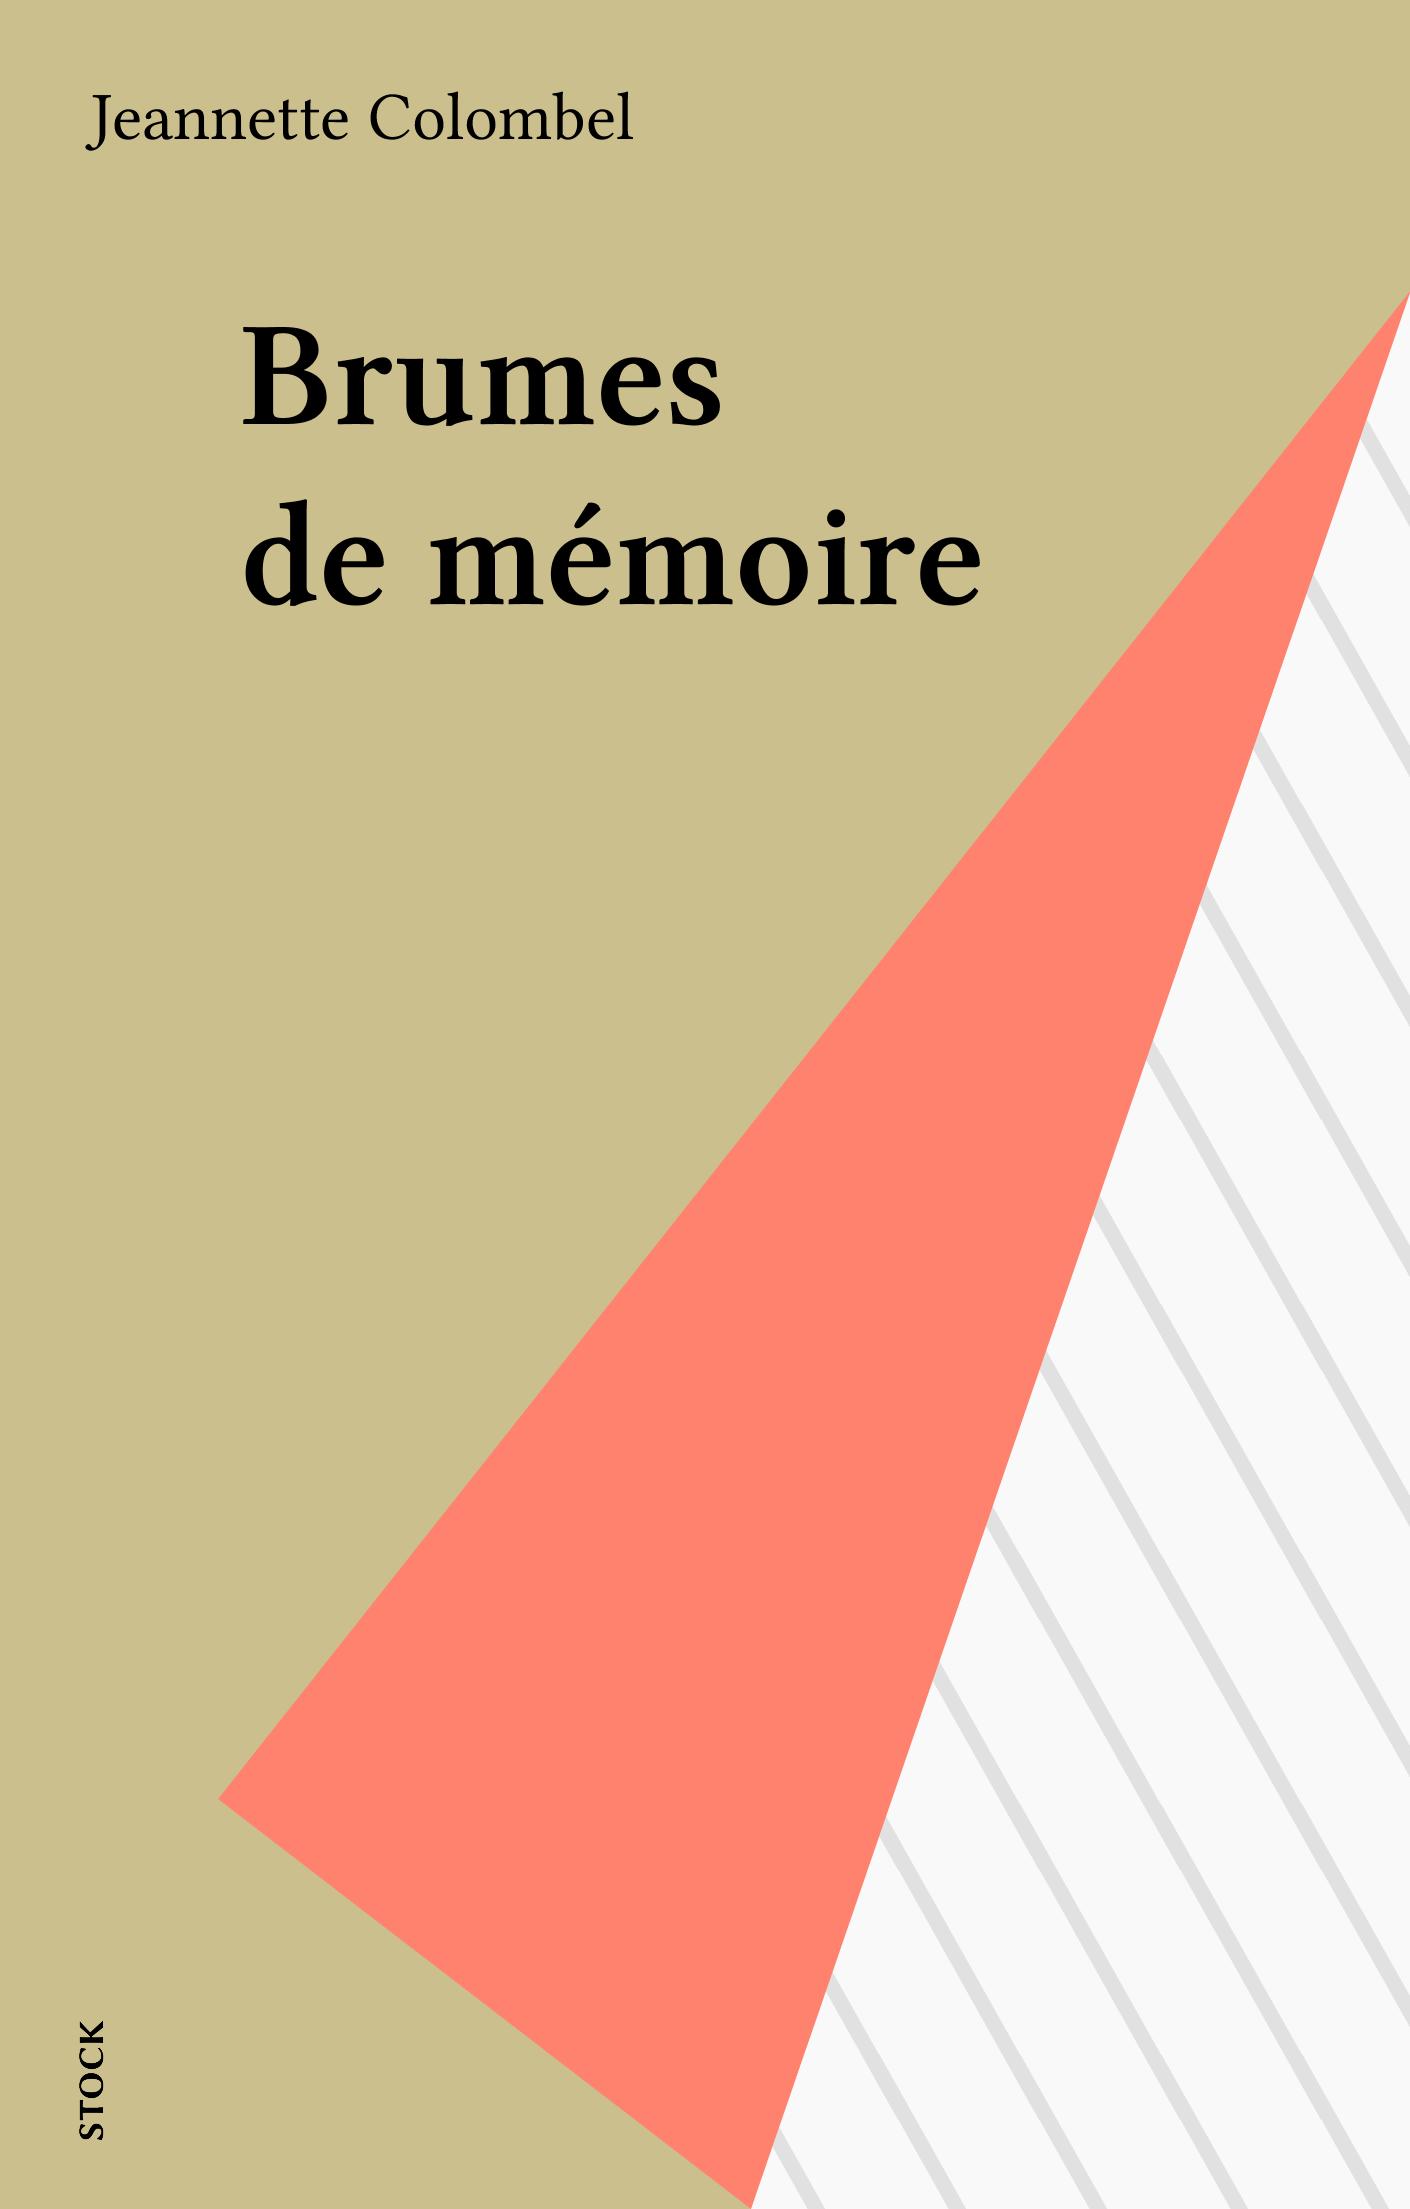 Brumes de mémoire